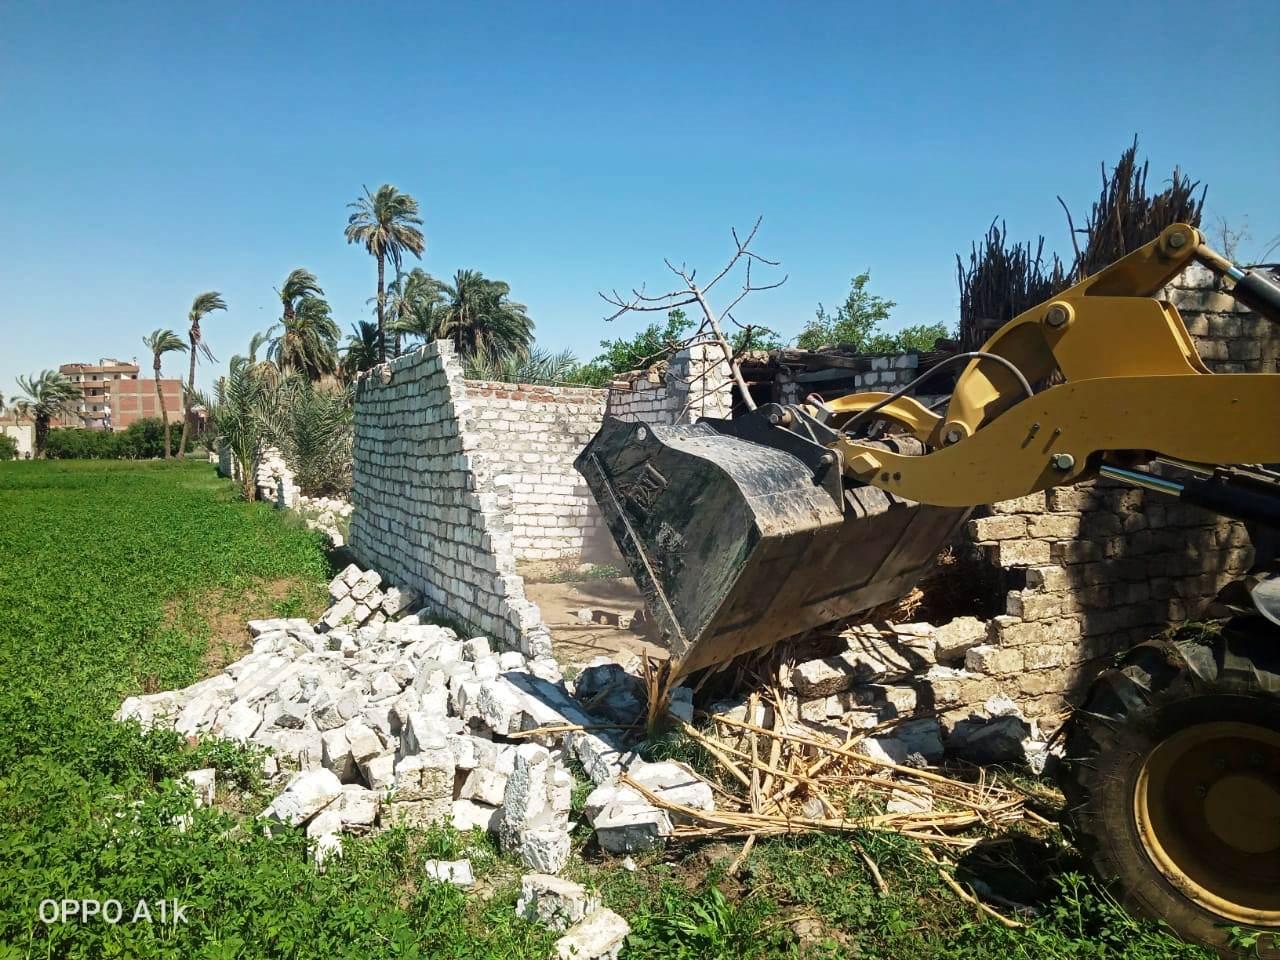 استمرار حملات إزالة مخالفات البناء والتعدي على الارض الزراعية بمراكز المحافظة (18)